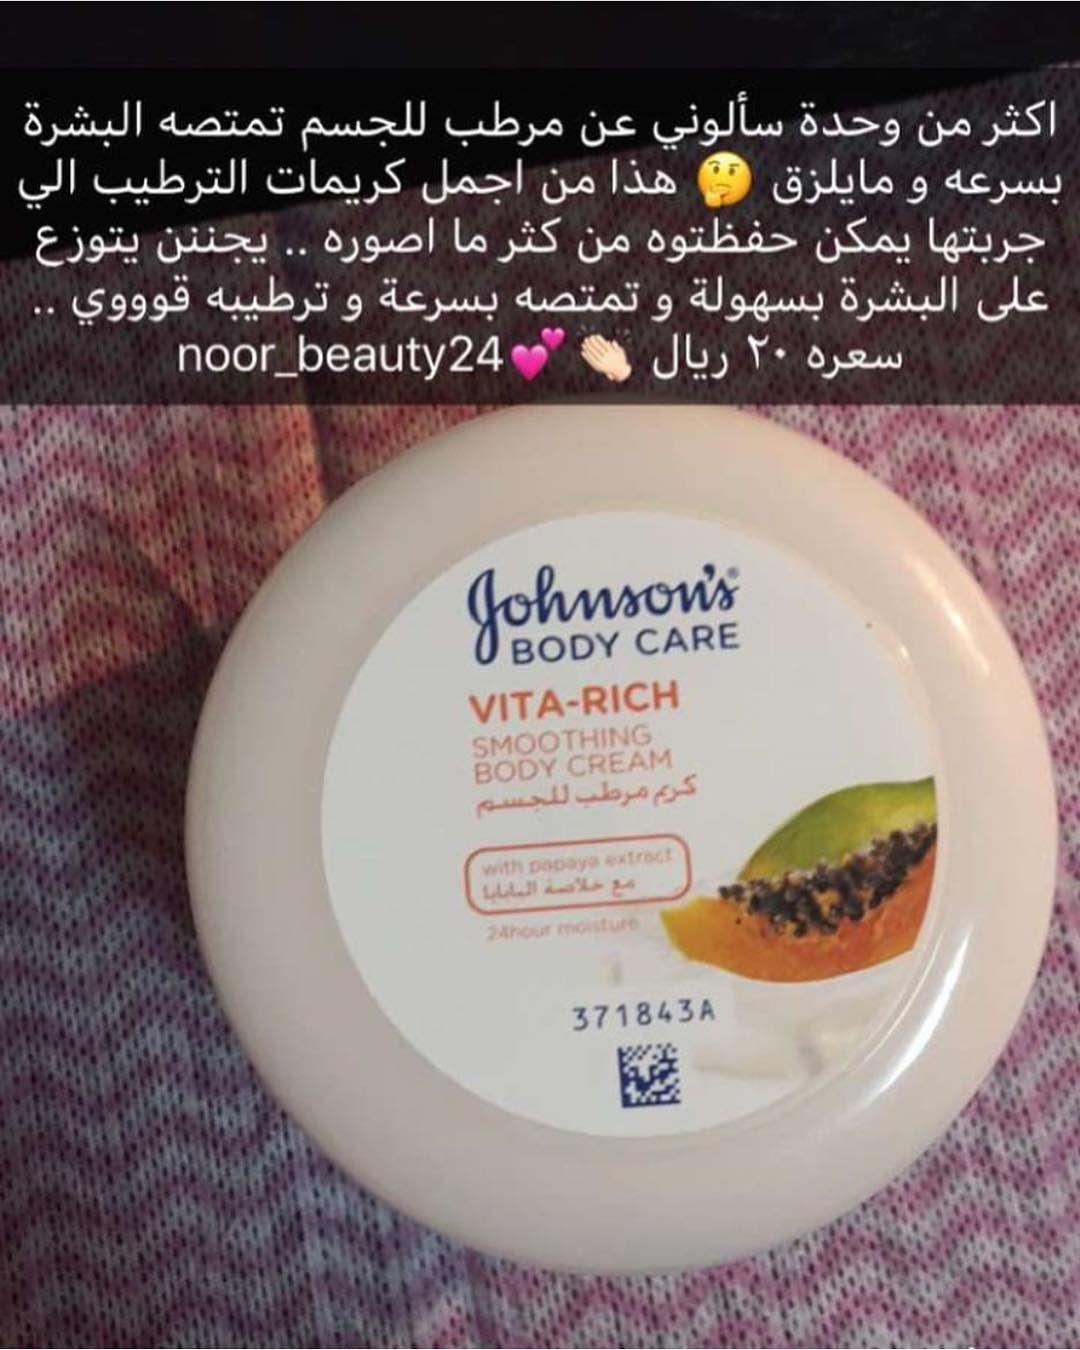 387 Mentions J Aime 15 Commentaires احب الجمال Beaet 000 Sur Instagram Quot حسابي برعاية مجمع الصفوة الطب Body Care Skin Care Beauty Care